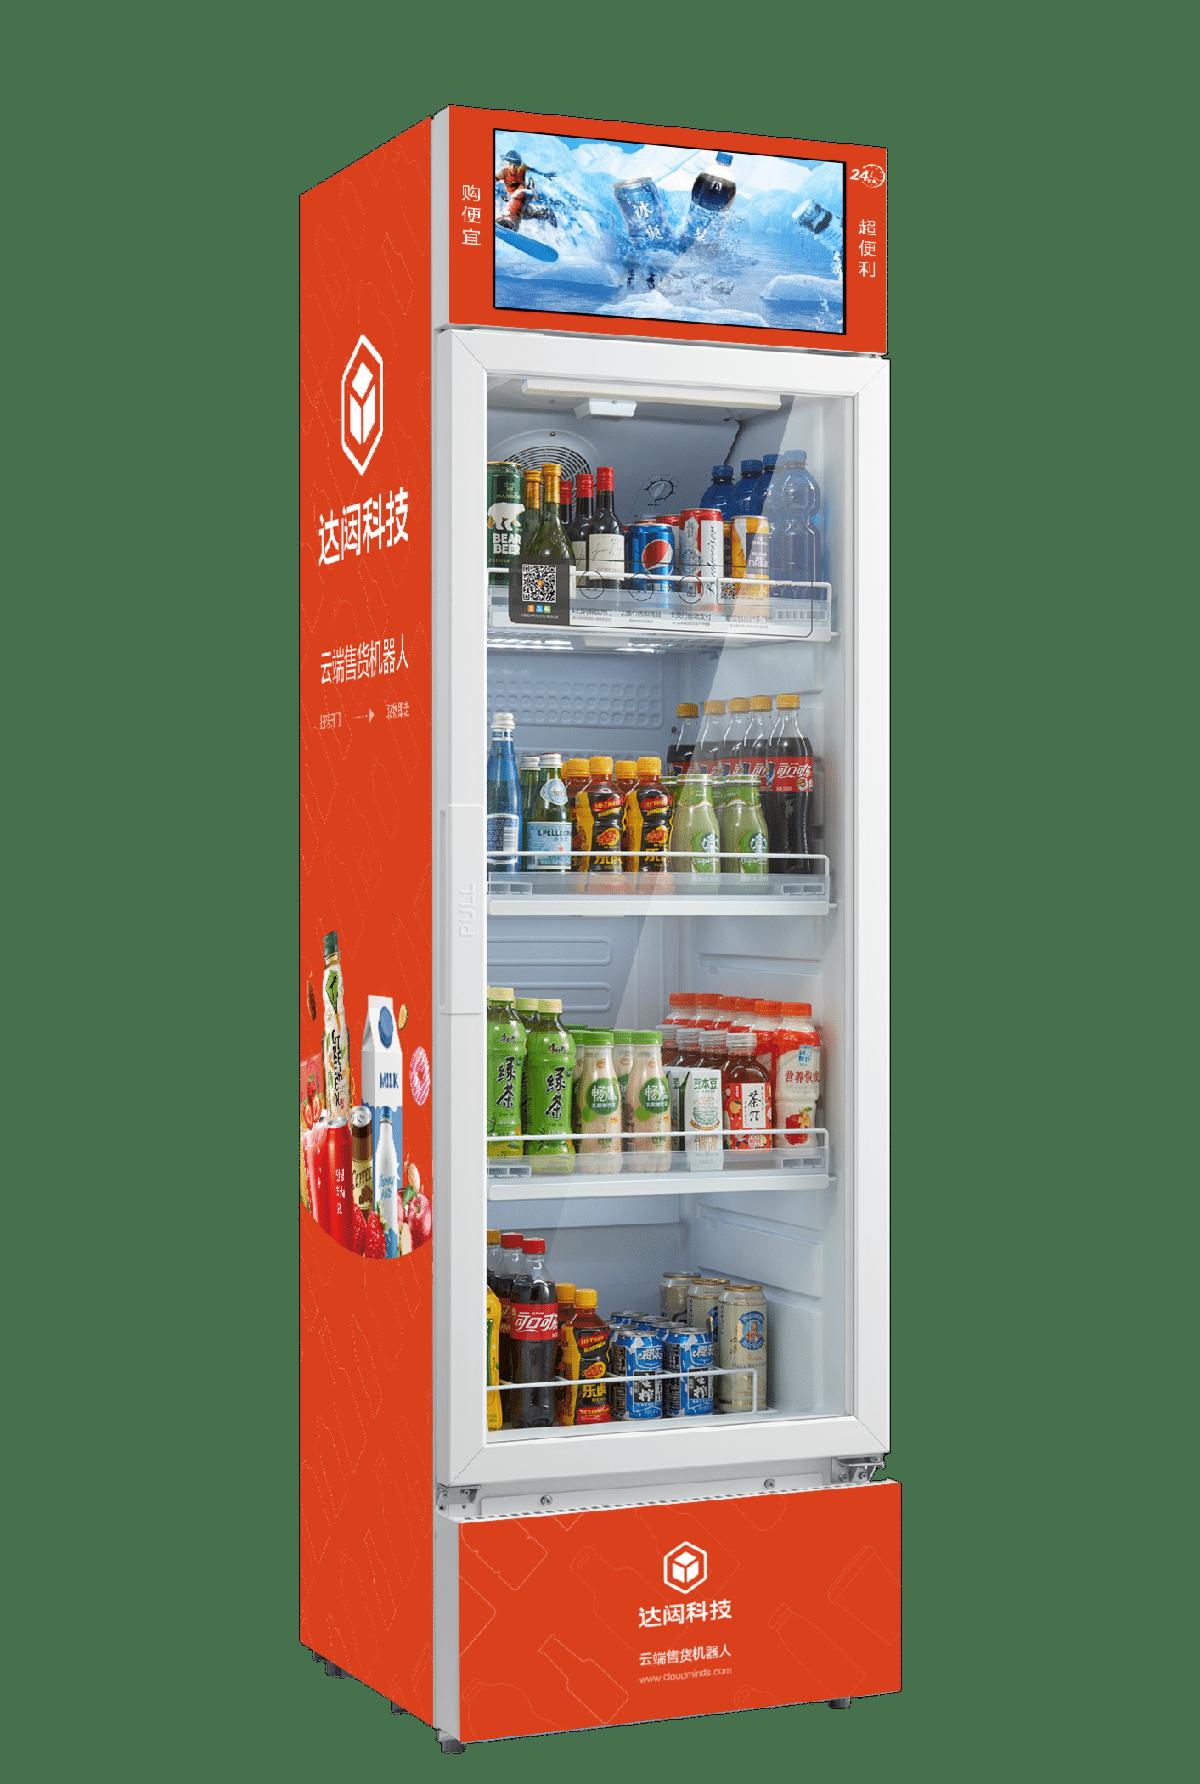 Cloudminds Vending Machines